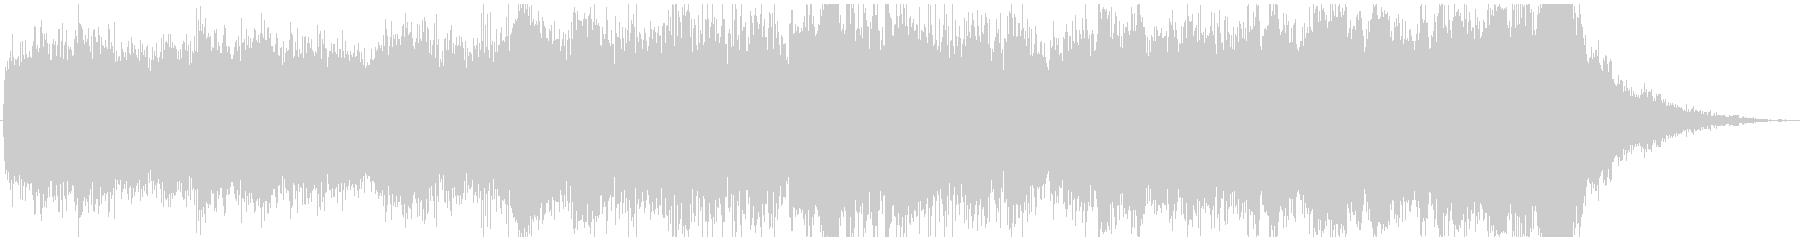 ドローン ジューシー01の未再生の波形